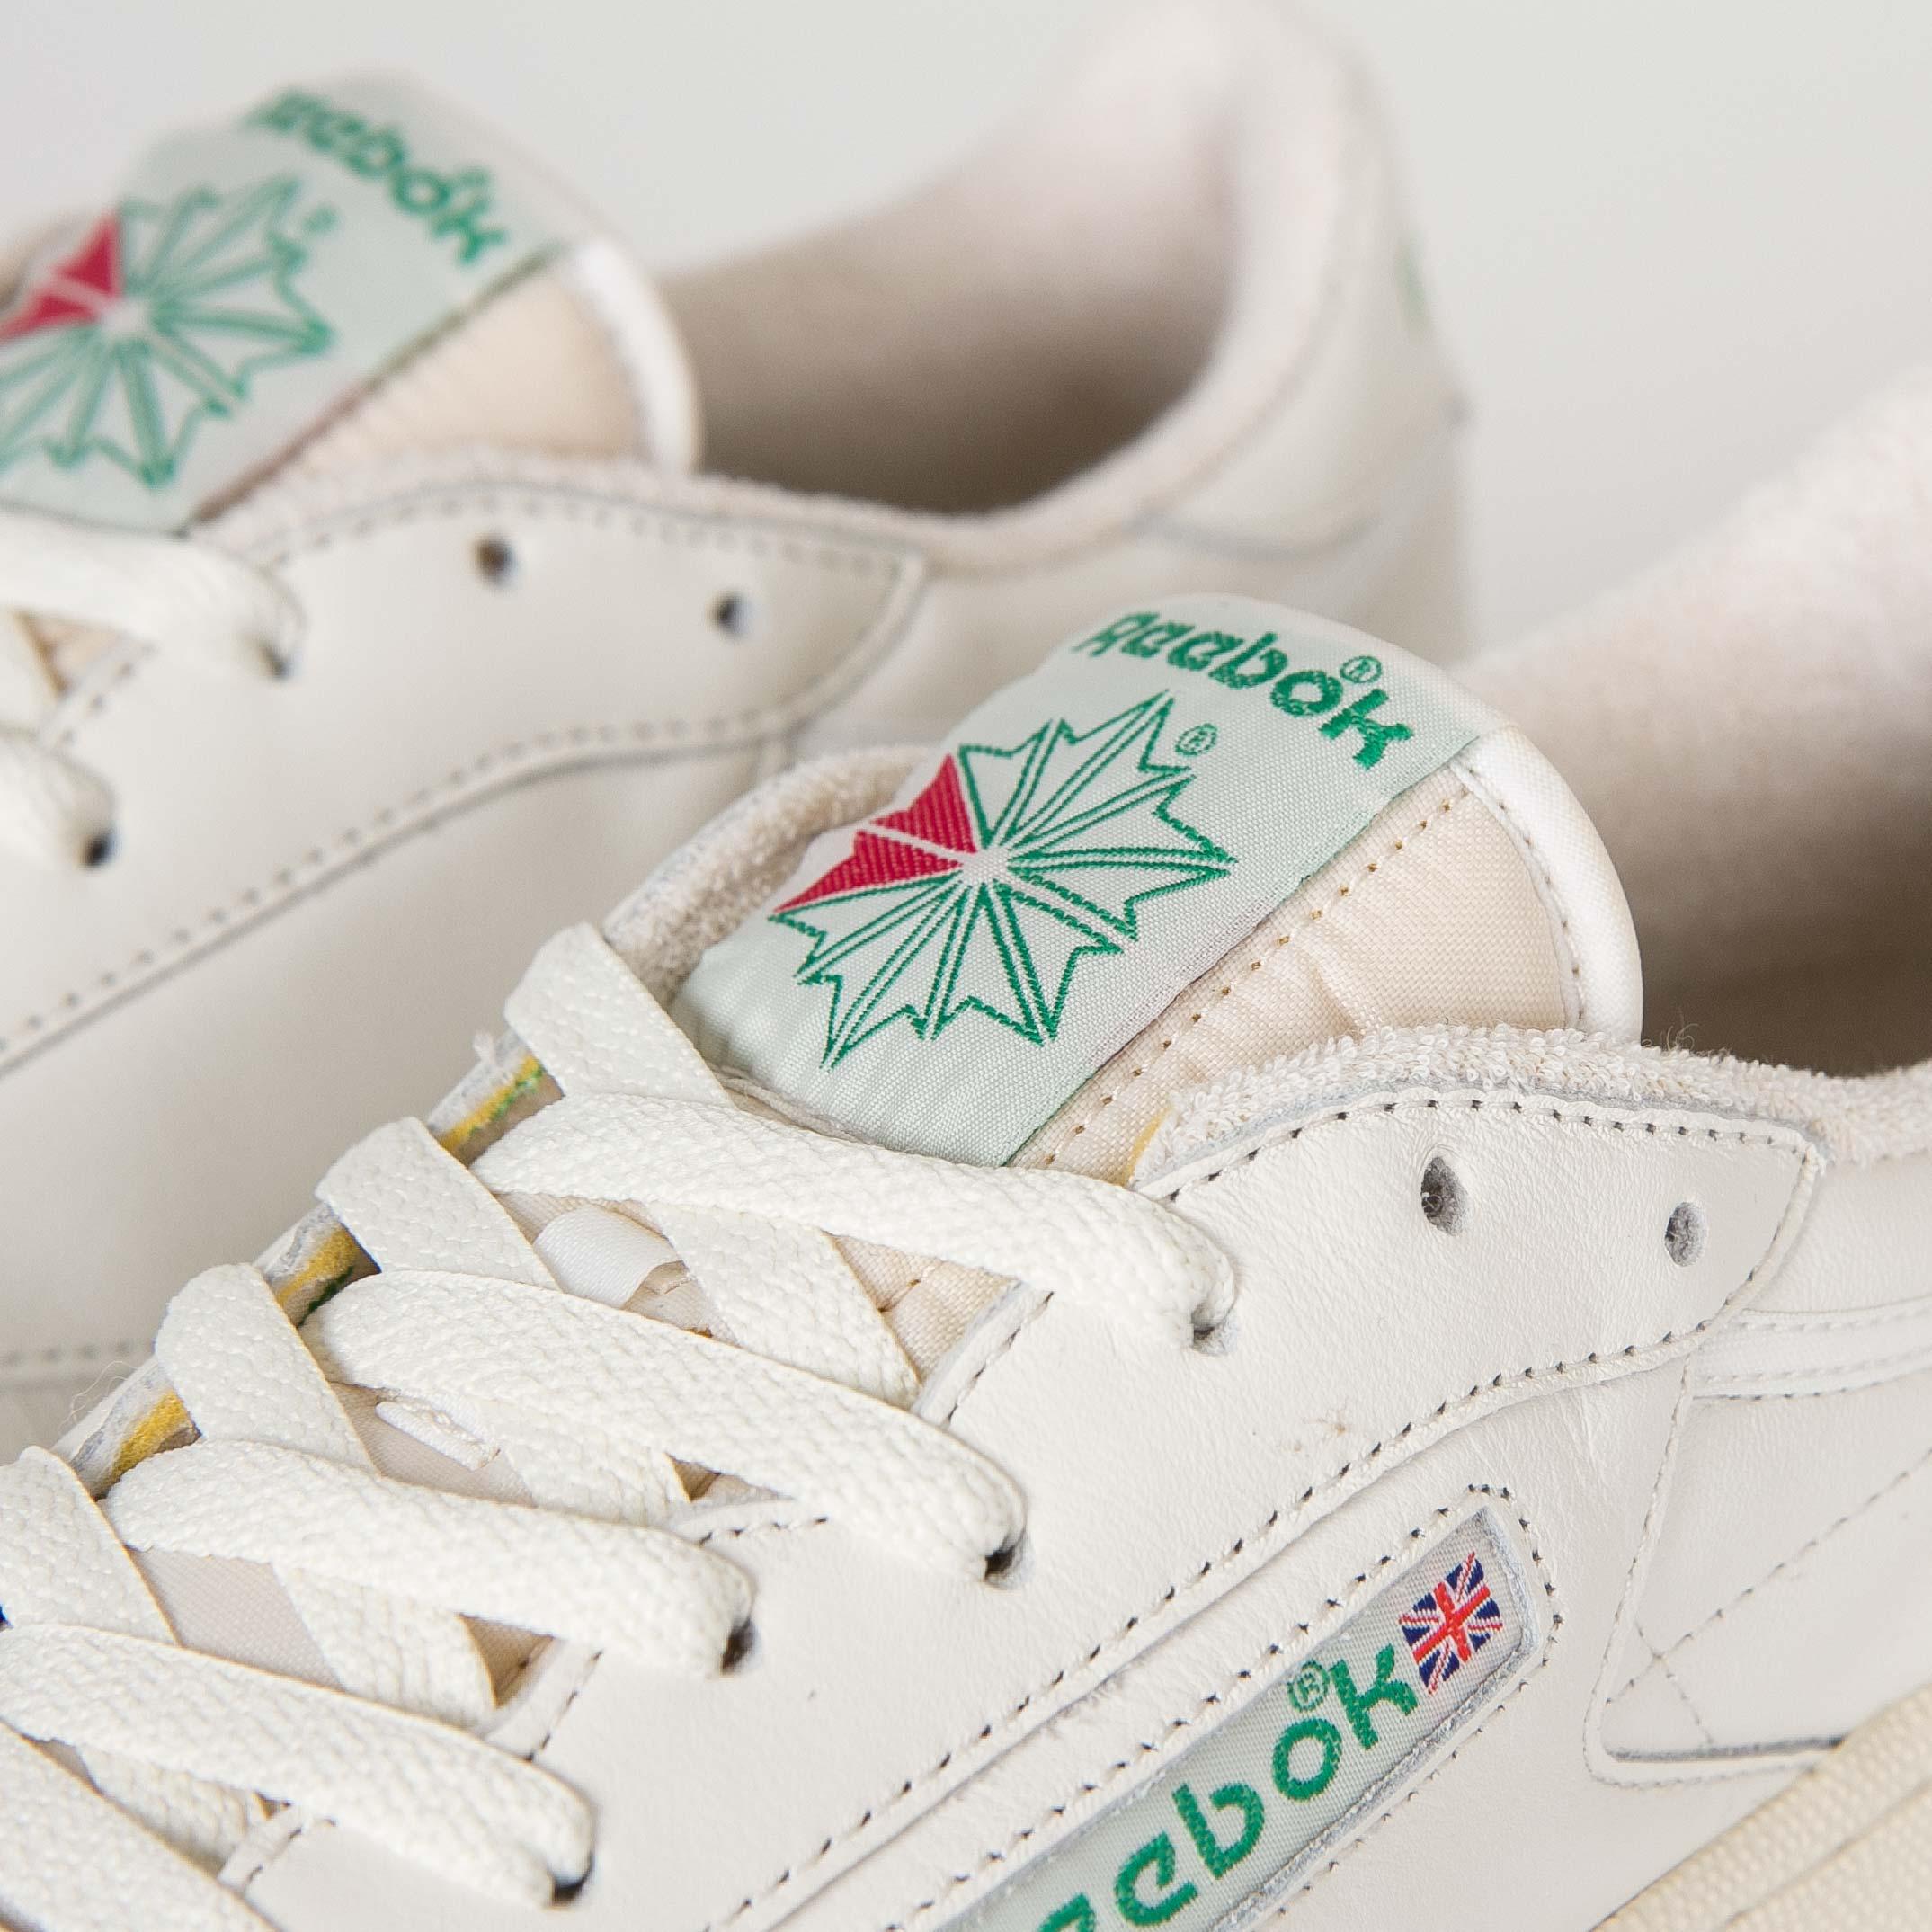 1ee3bafd62a Reebok Club C 85 Vintage - V67899 - Sneakersnstuff